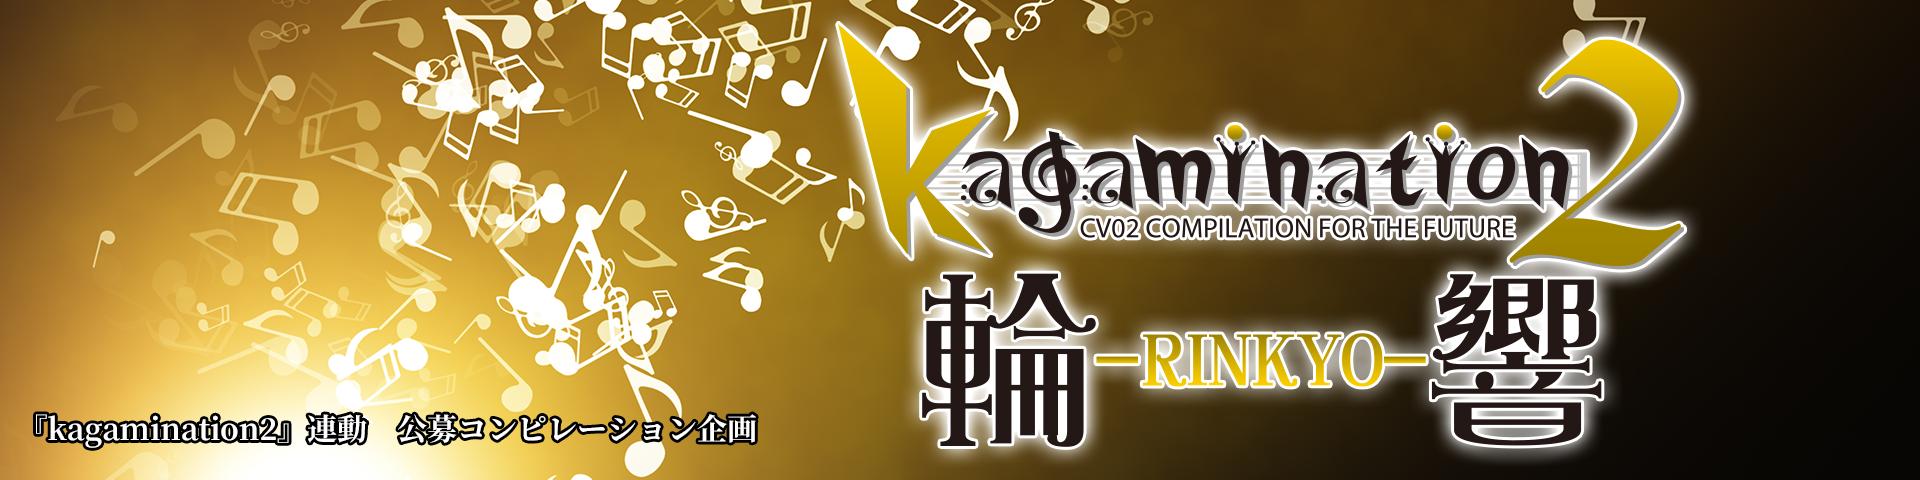 公募コンピレーション企画『kagamination2 輪響』